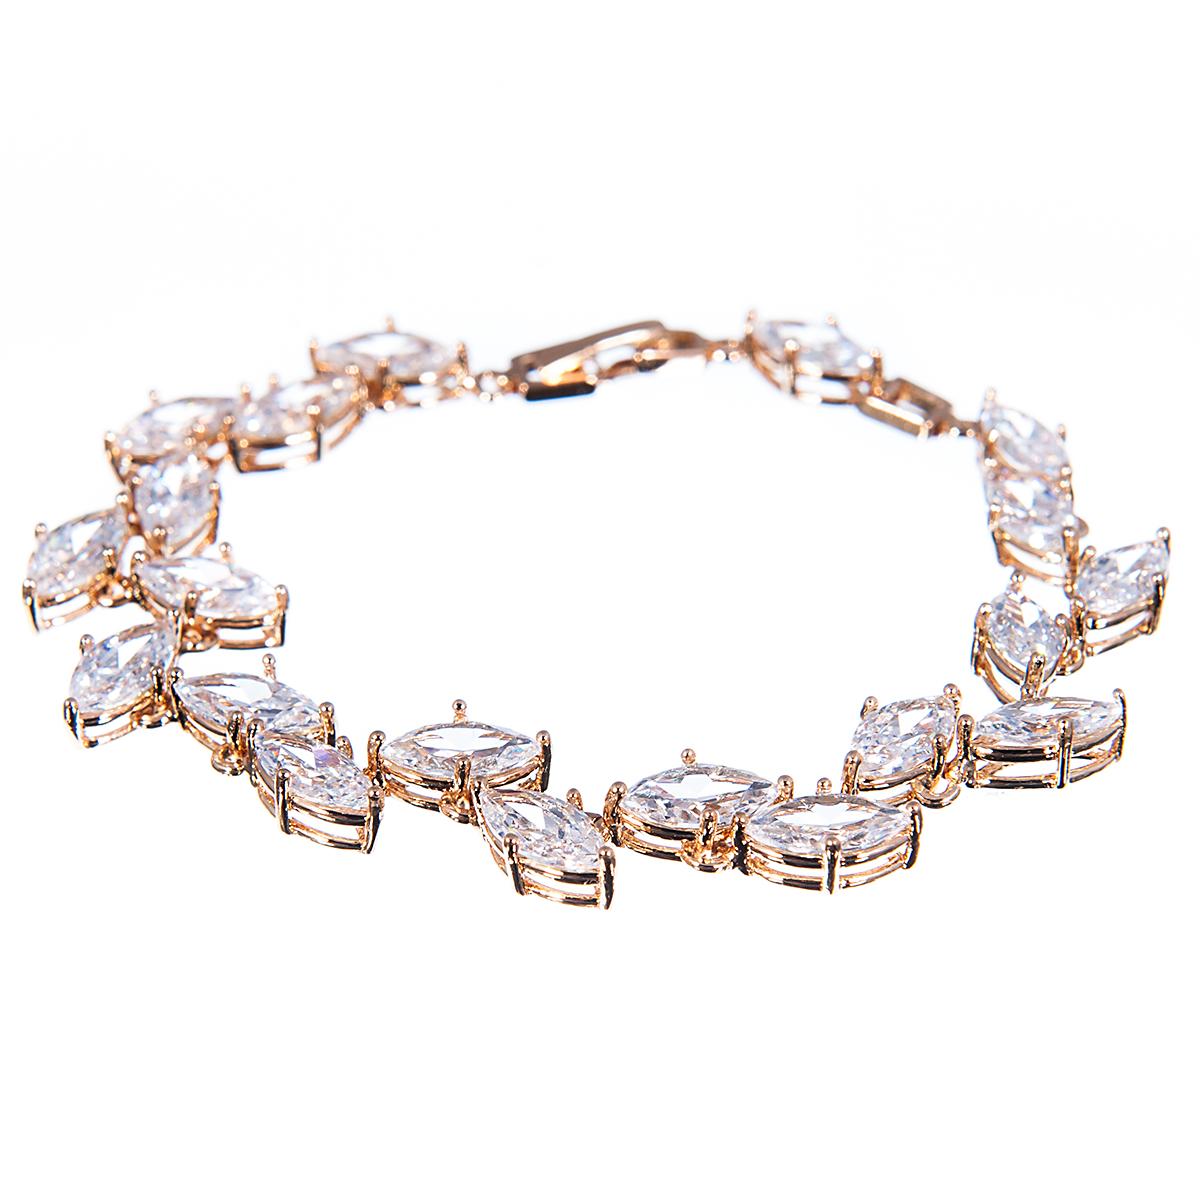 Браслет Selena Diamond, цвет: белый, золотистый. 4005432040054320Прелестный браслет Selena изготовлен из металла с золотистым покрытием. Изделие украшено цирконами. Браслет застегивается при помощи замка-пряжки, благодаря которому браслет легко снимать и надевать. Стильный браслет блестяще подчеркнет ваш изысканный вкус и поможет внести разнообразие в привычный образ.